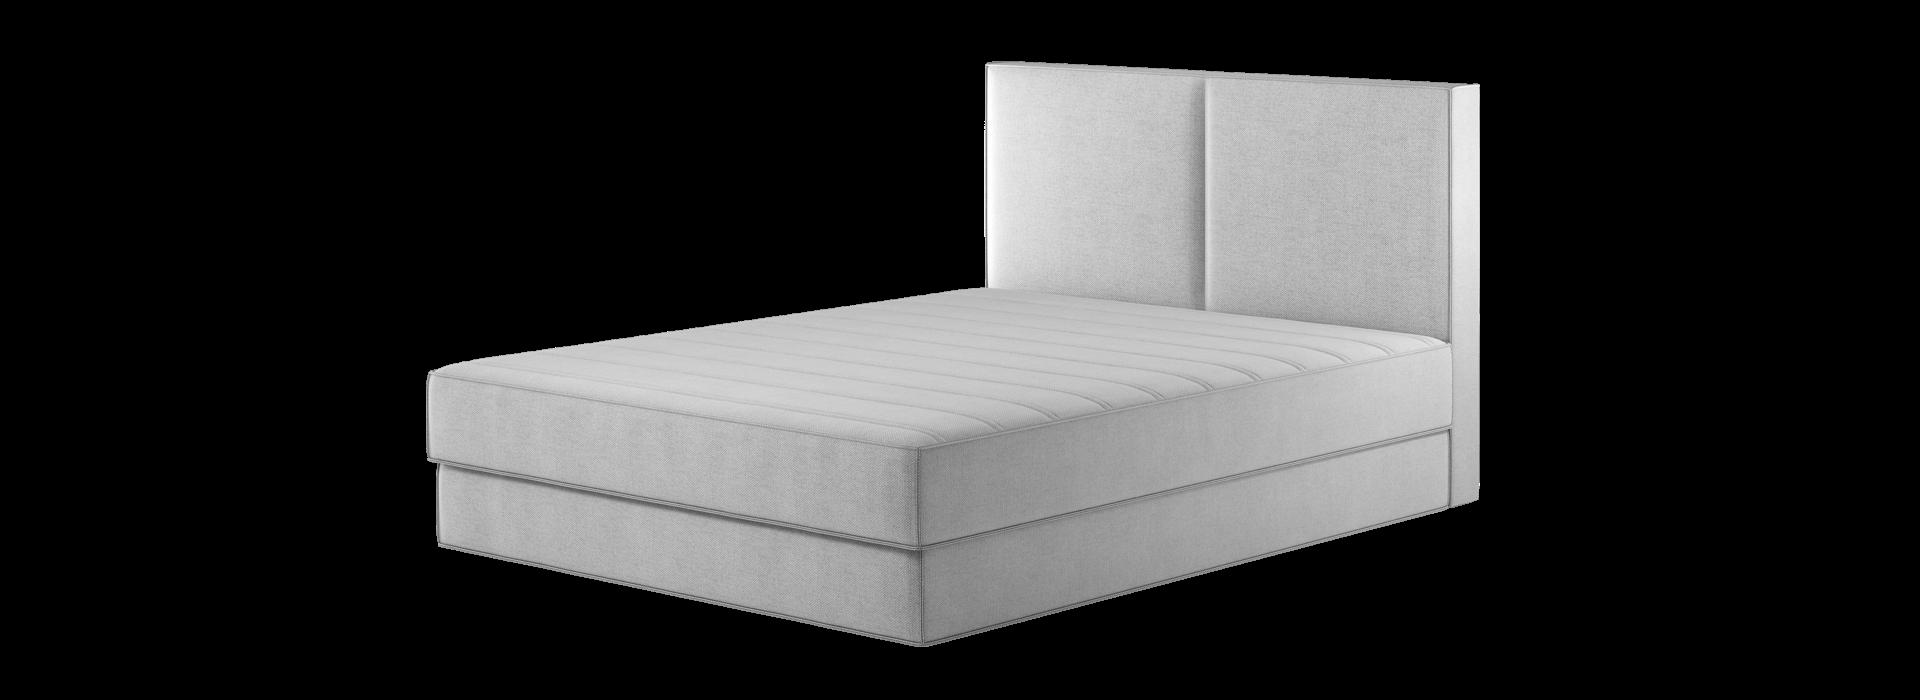 Фрея 1.6 ліжко з підйомником - маска 8